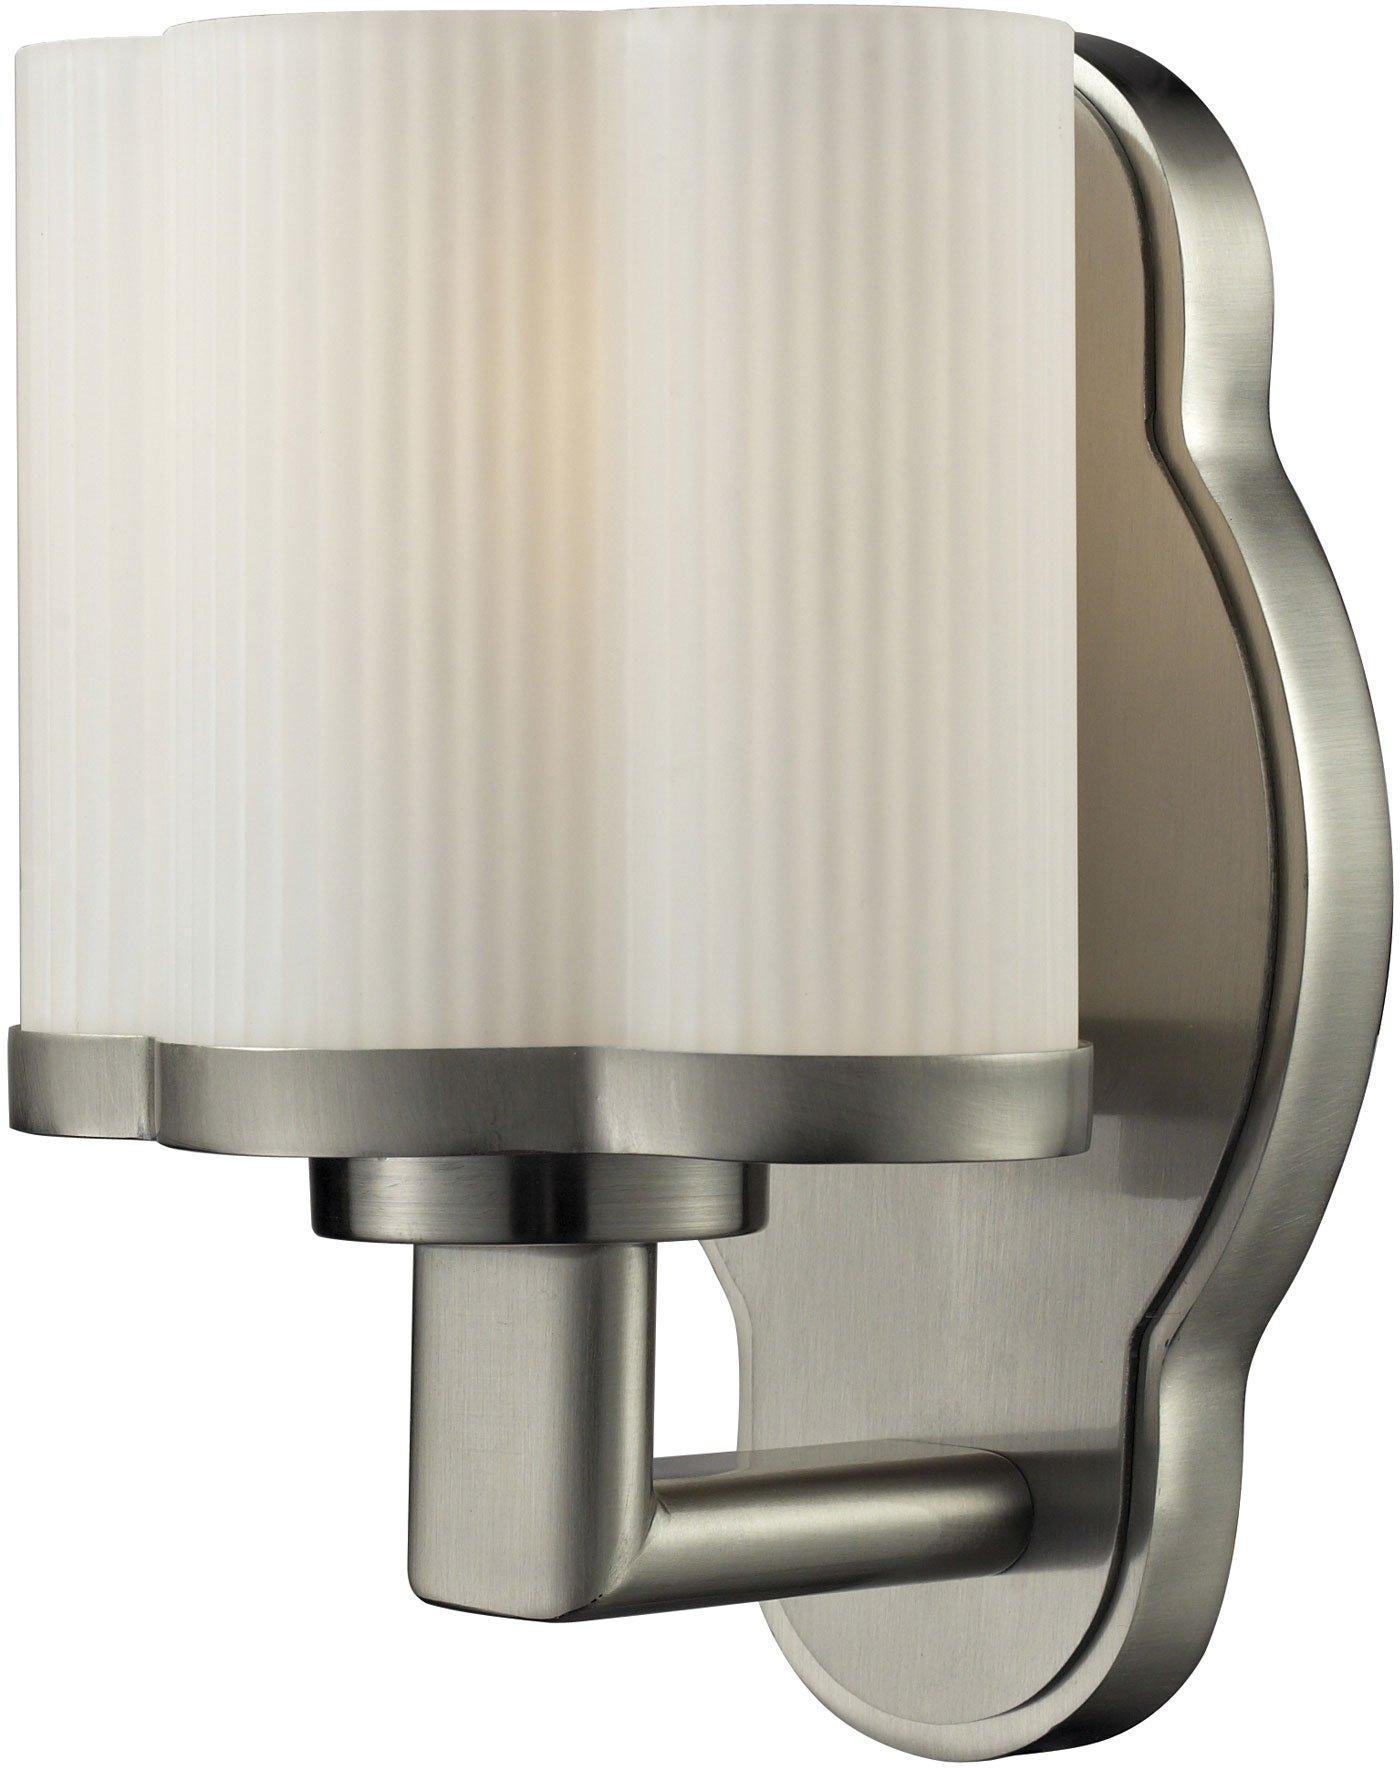 Elk Lighting Harbridge 1-Light Steel Bath Bar, Satin Nickel